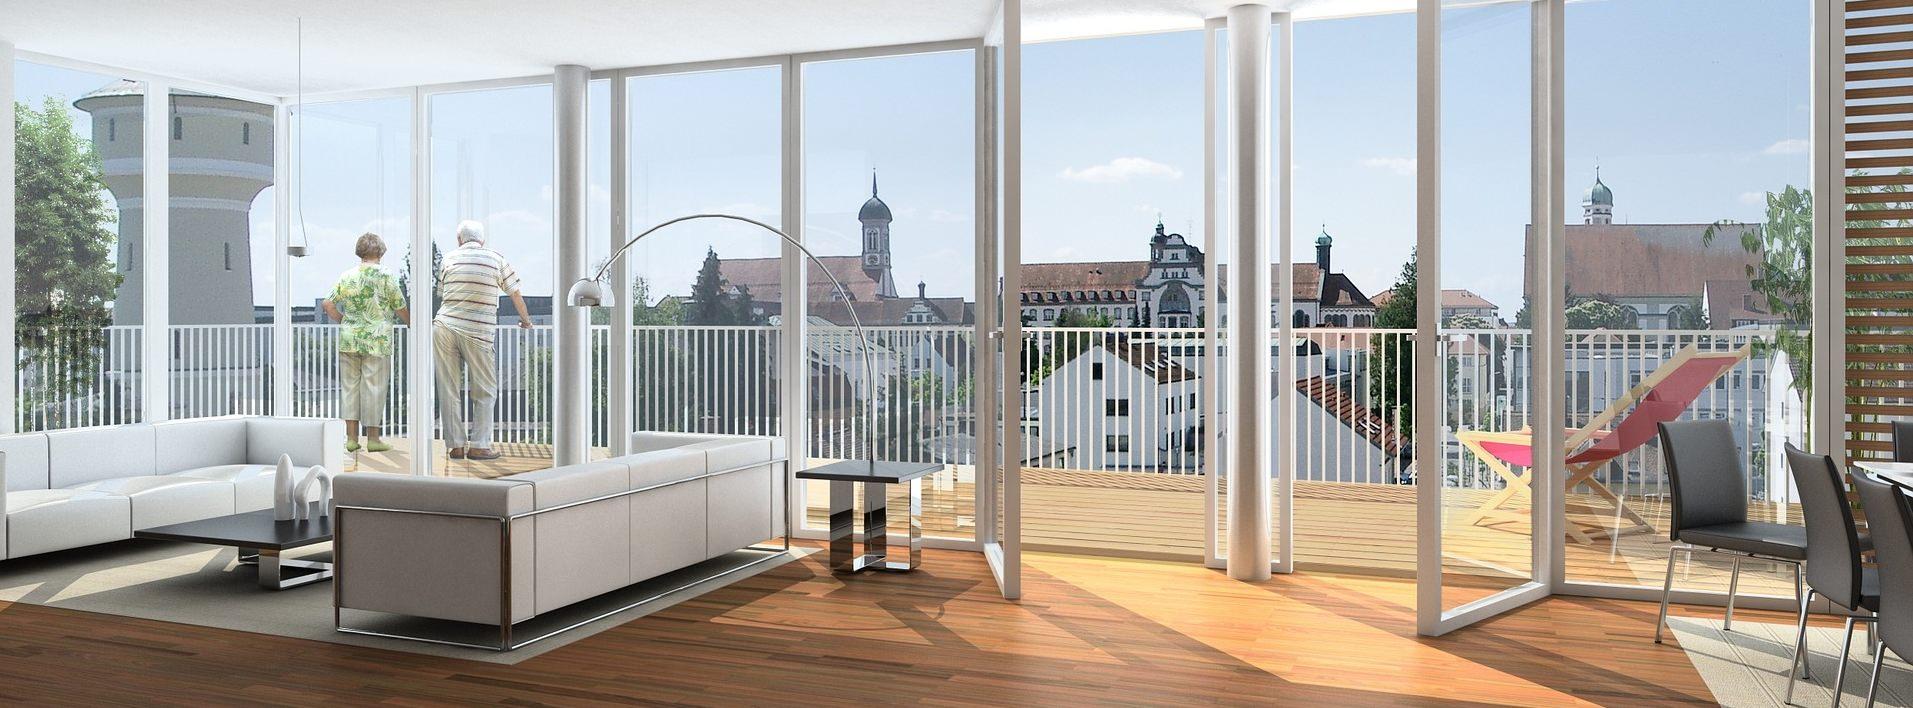 Immobilienmakler-Leipzig-Fairmakler